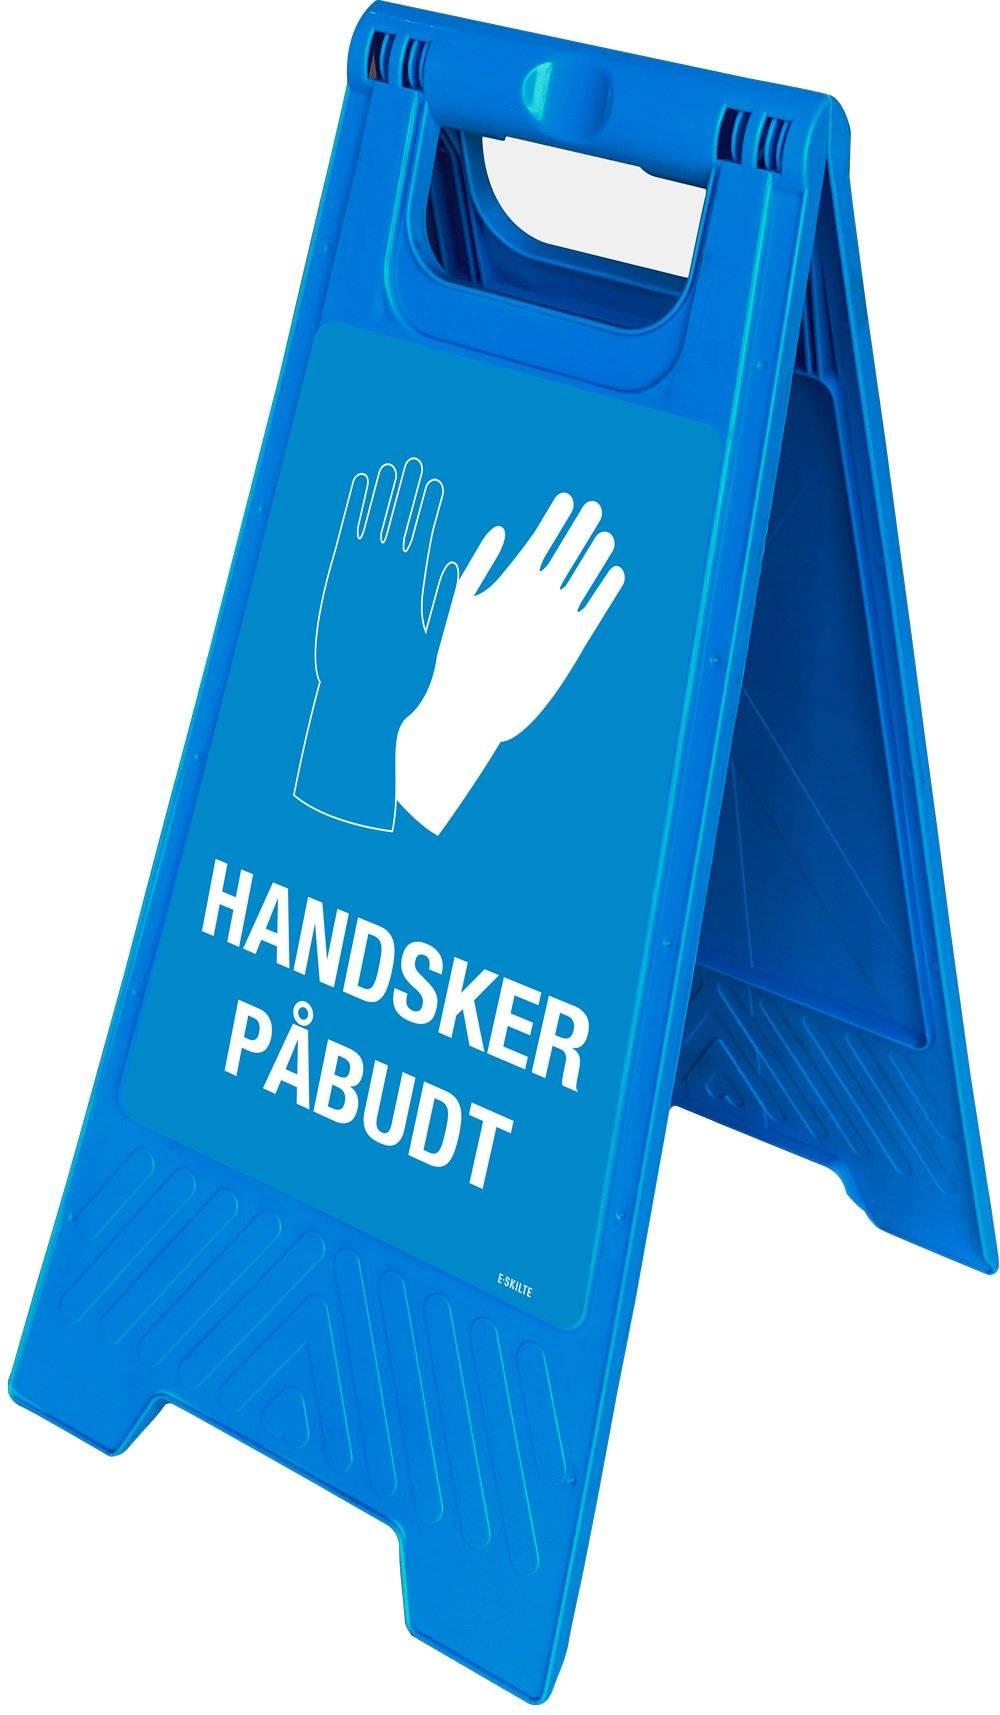 Gulvskilt - Handsker påbudt